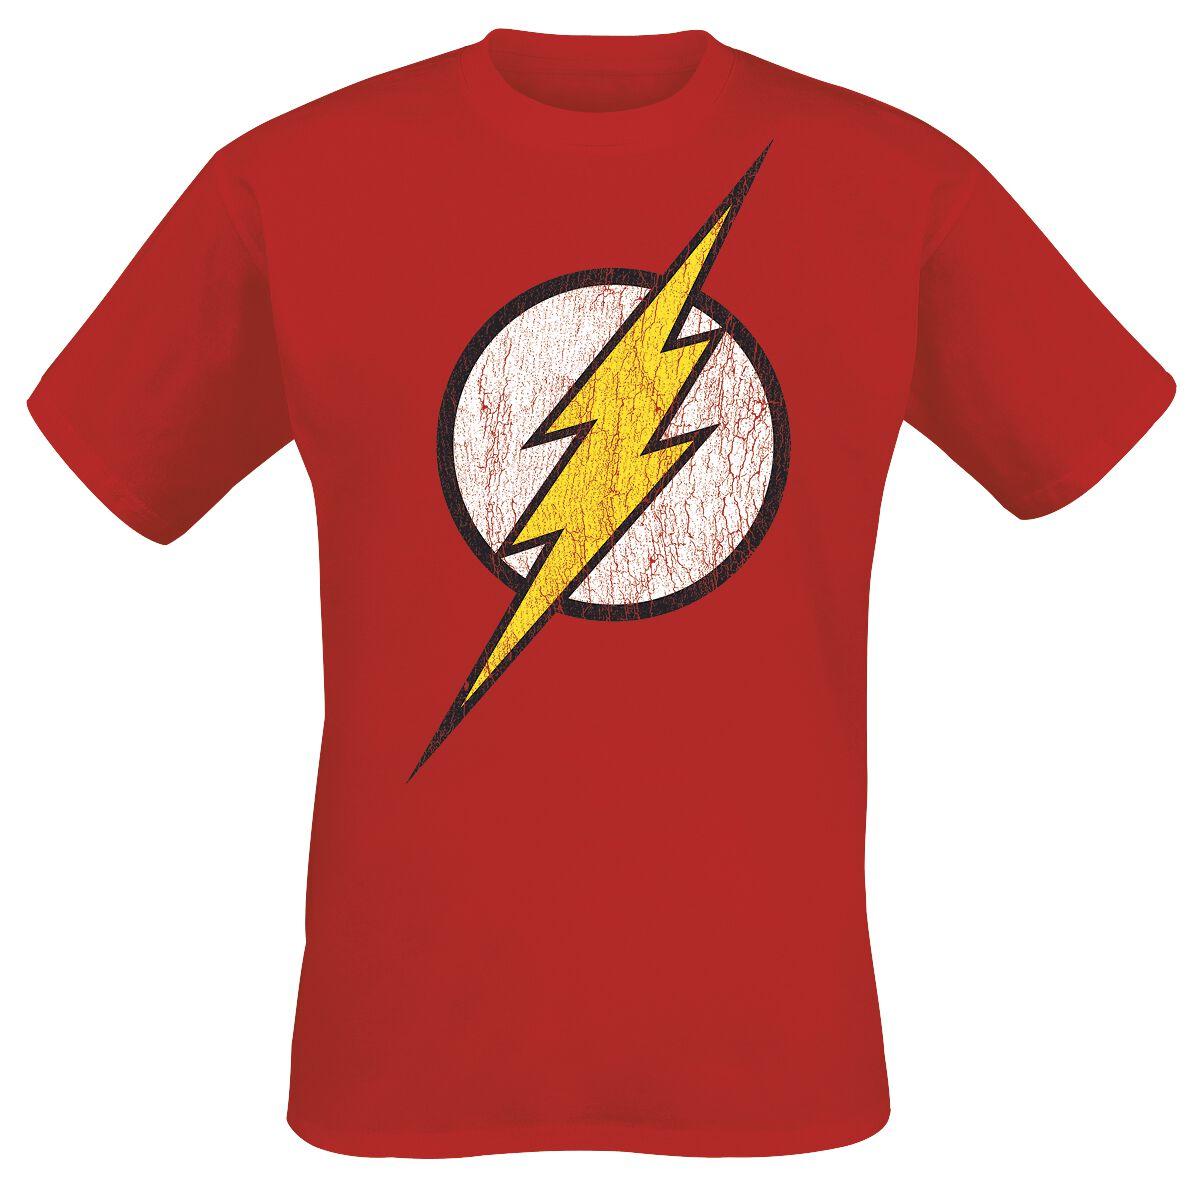 Merch dla Fanów - Koszulki - T-Shirt The Flash Logo T-Shirt czerwony - 227706